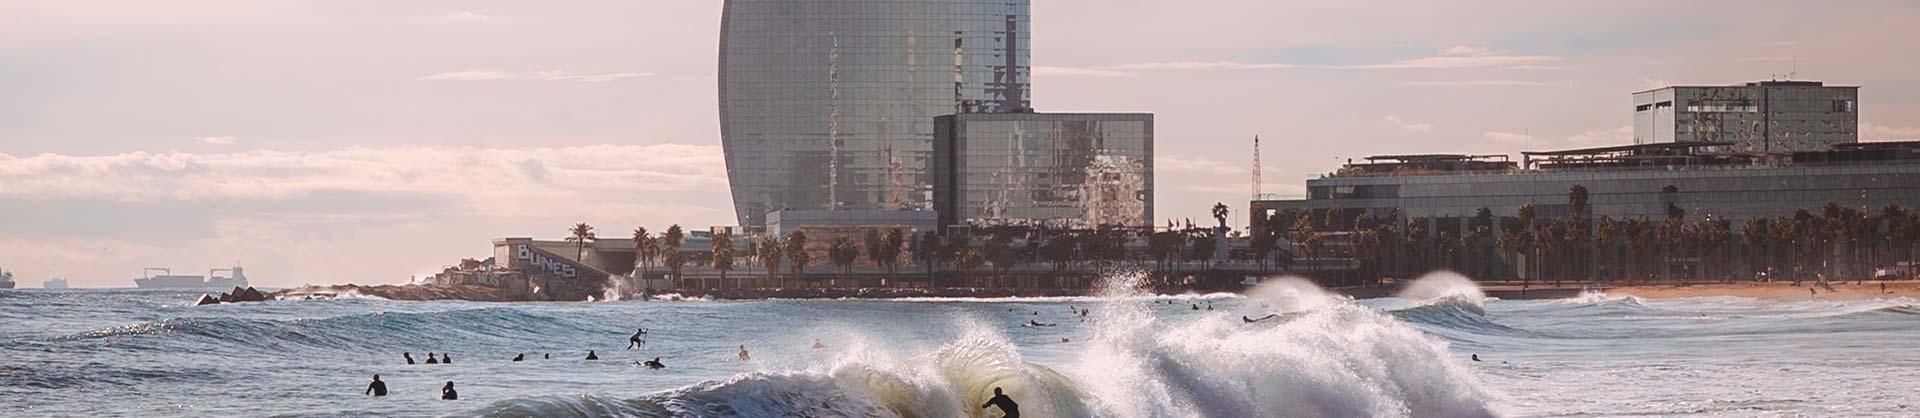 spiaggia di barcellona con onde e surfisti